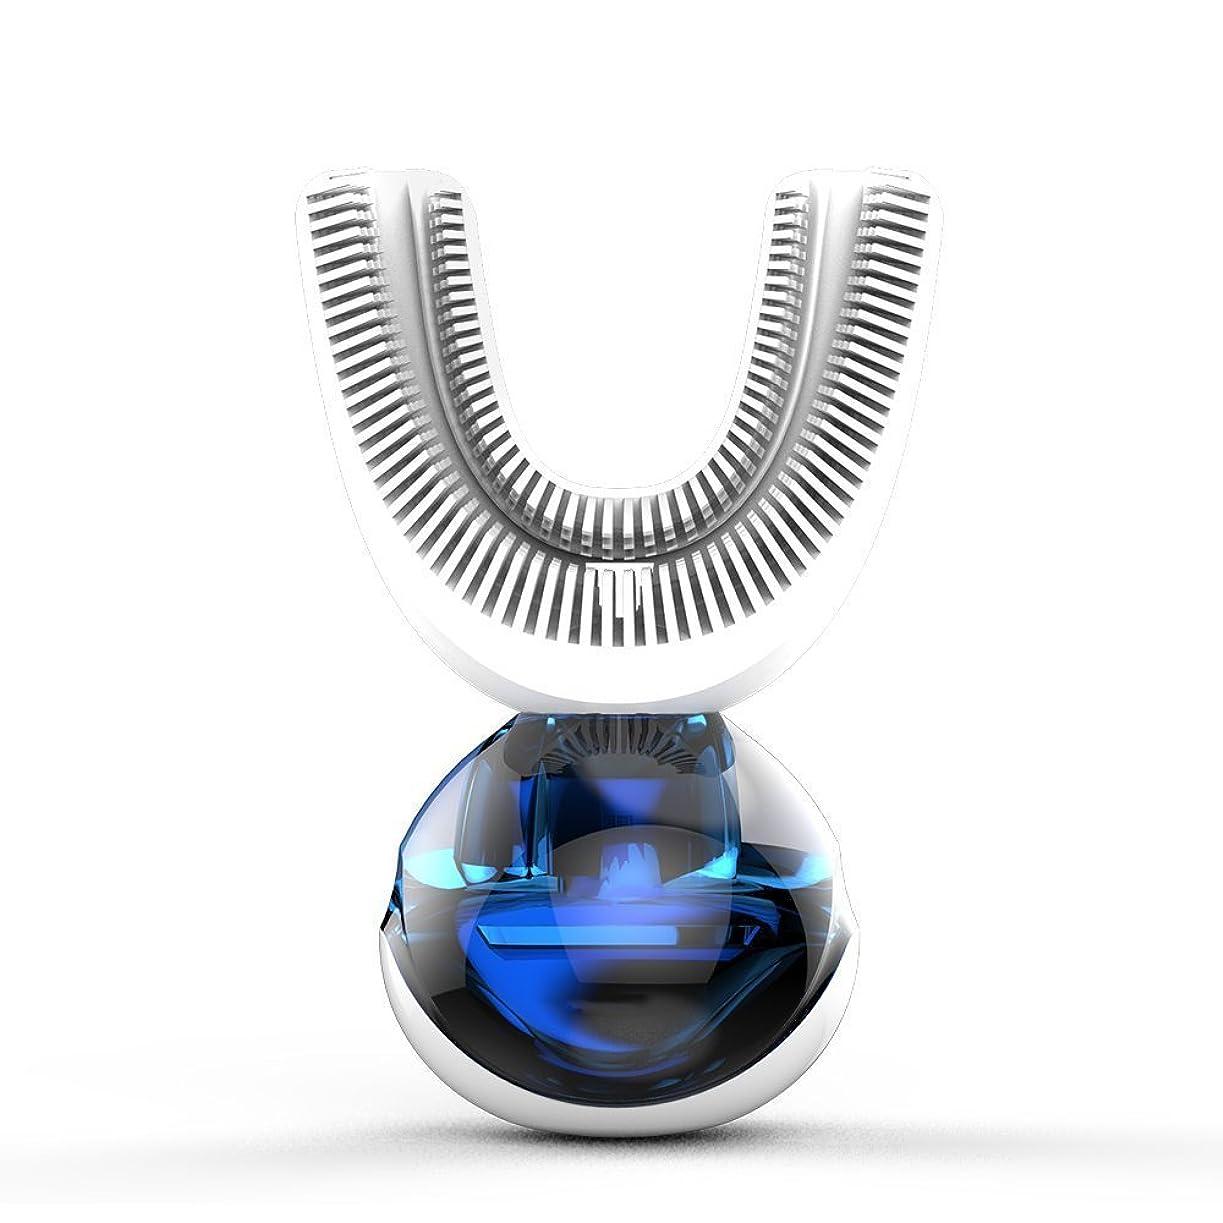 私たち手段フォークフルオートマチック可変周波数電動歯ブラシ、自動360度U字型電動歯ブラシ、ワイヤレス充電IPX7防水自動歯ブラシ(大人用)